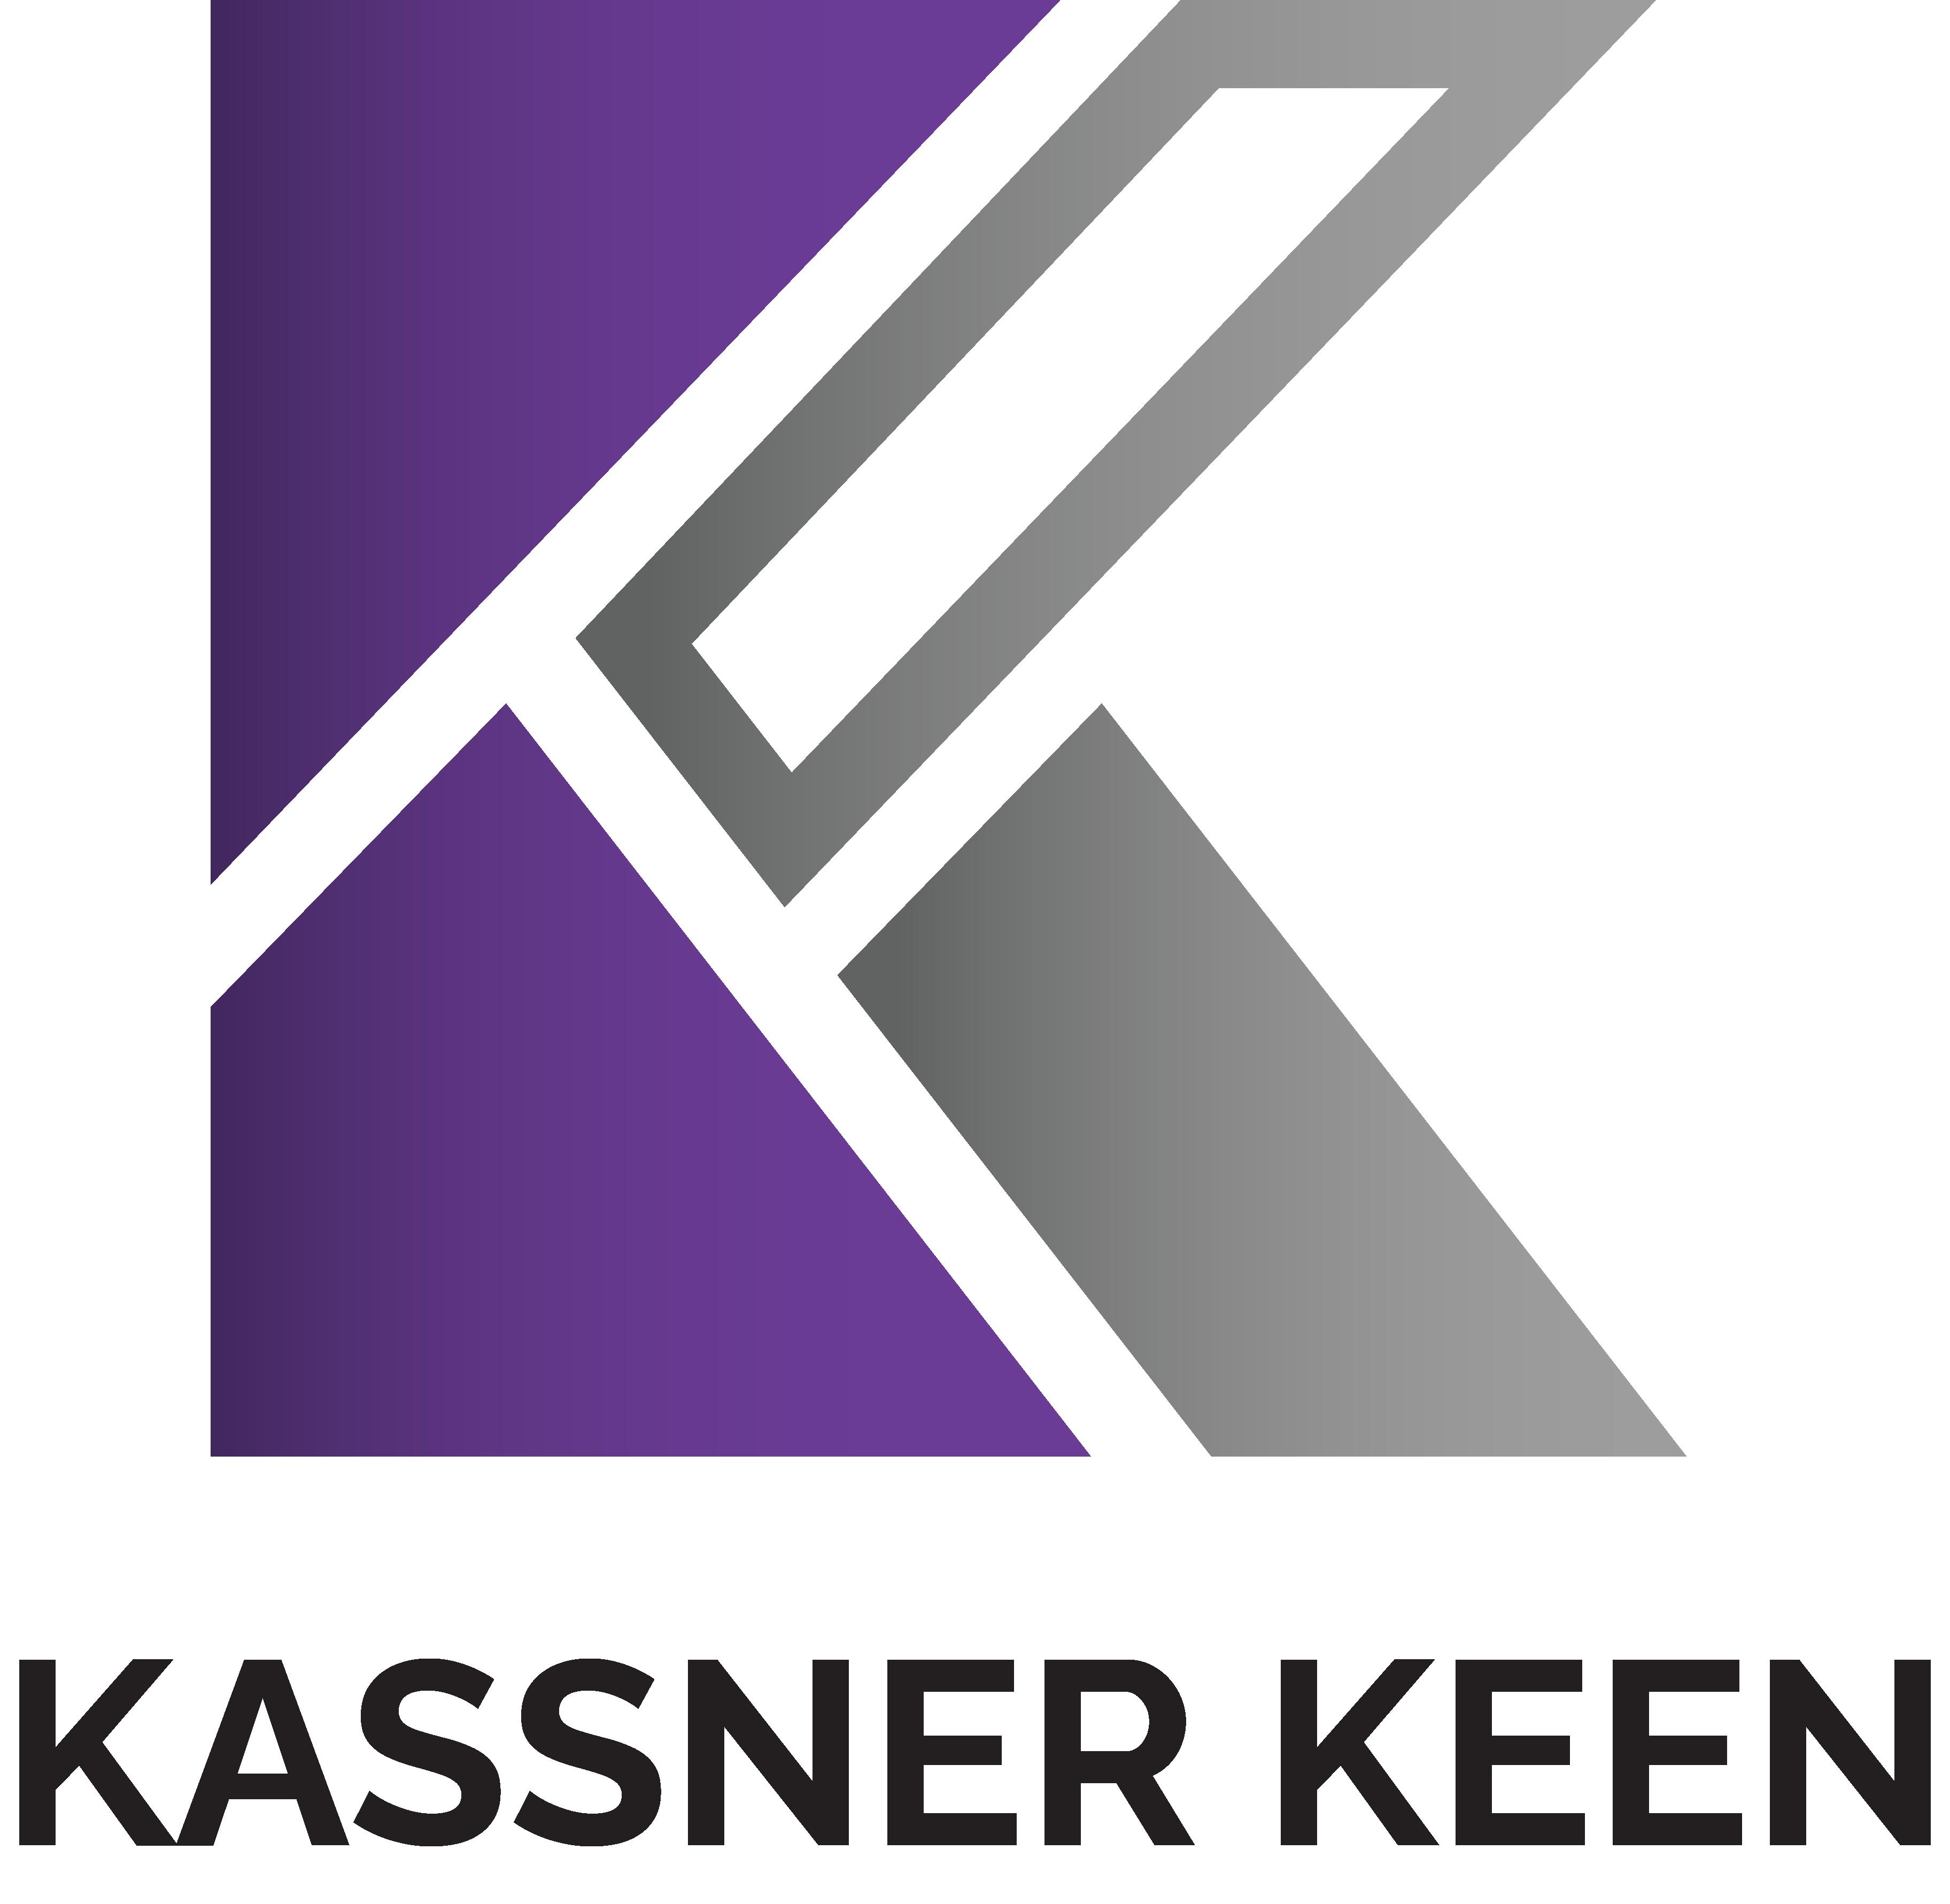 Kassner Keen